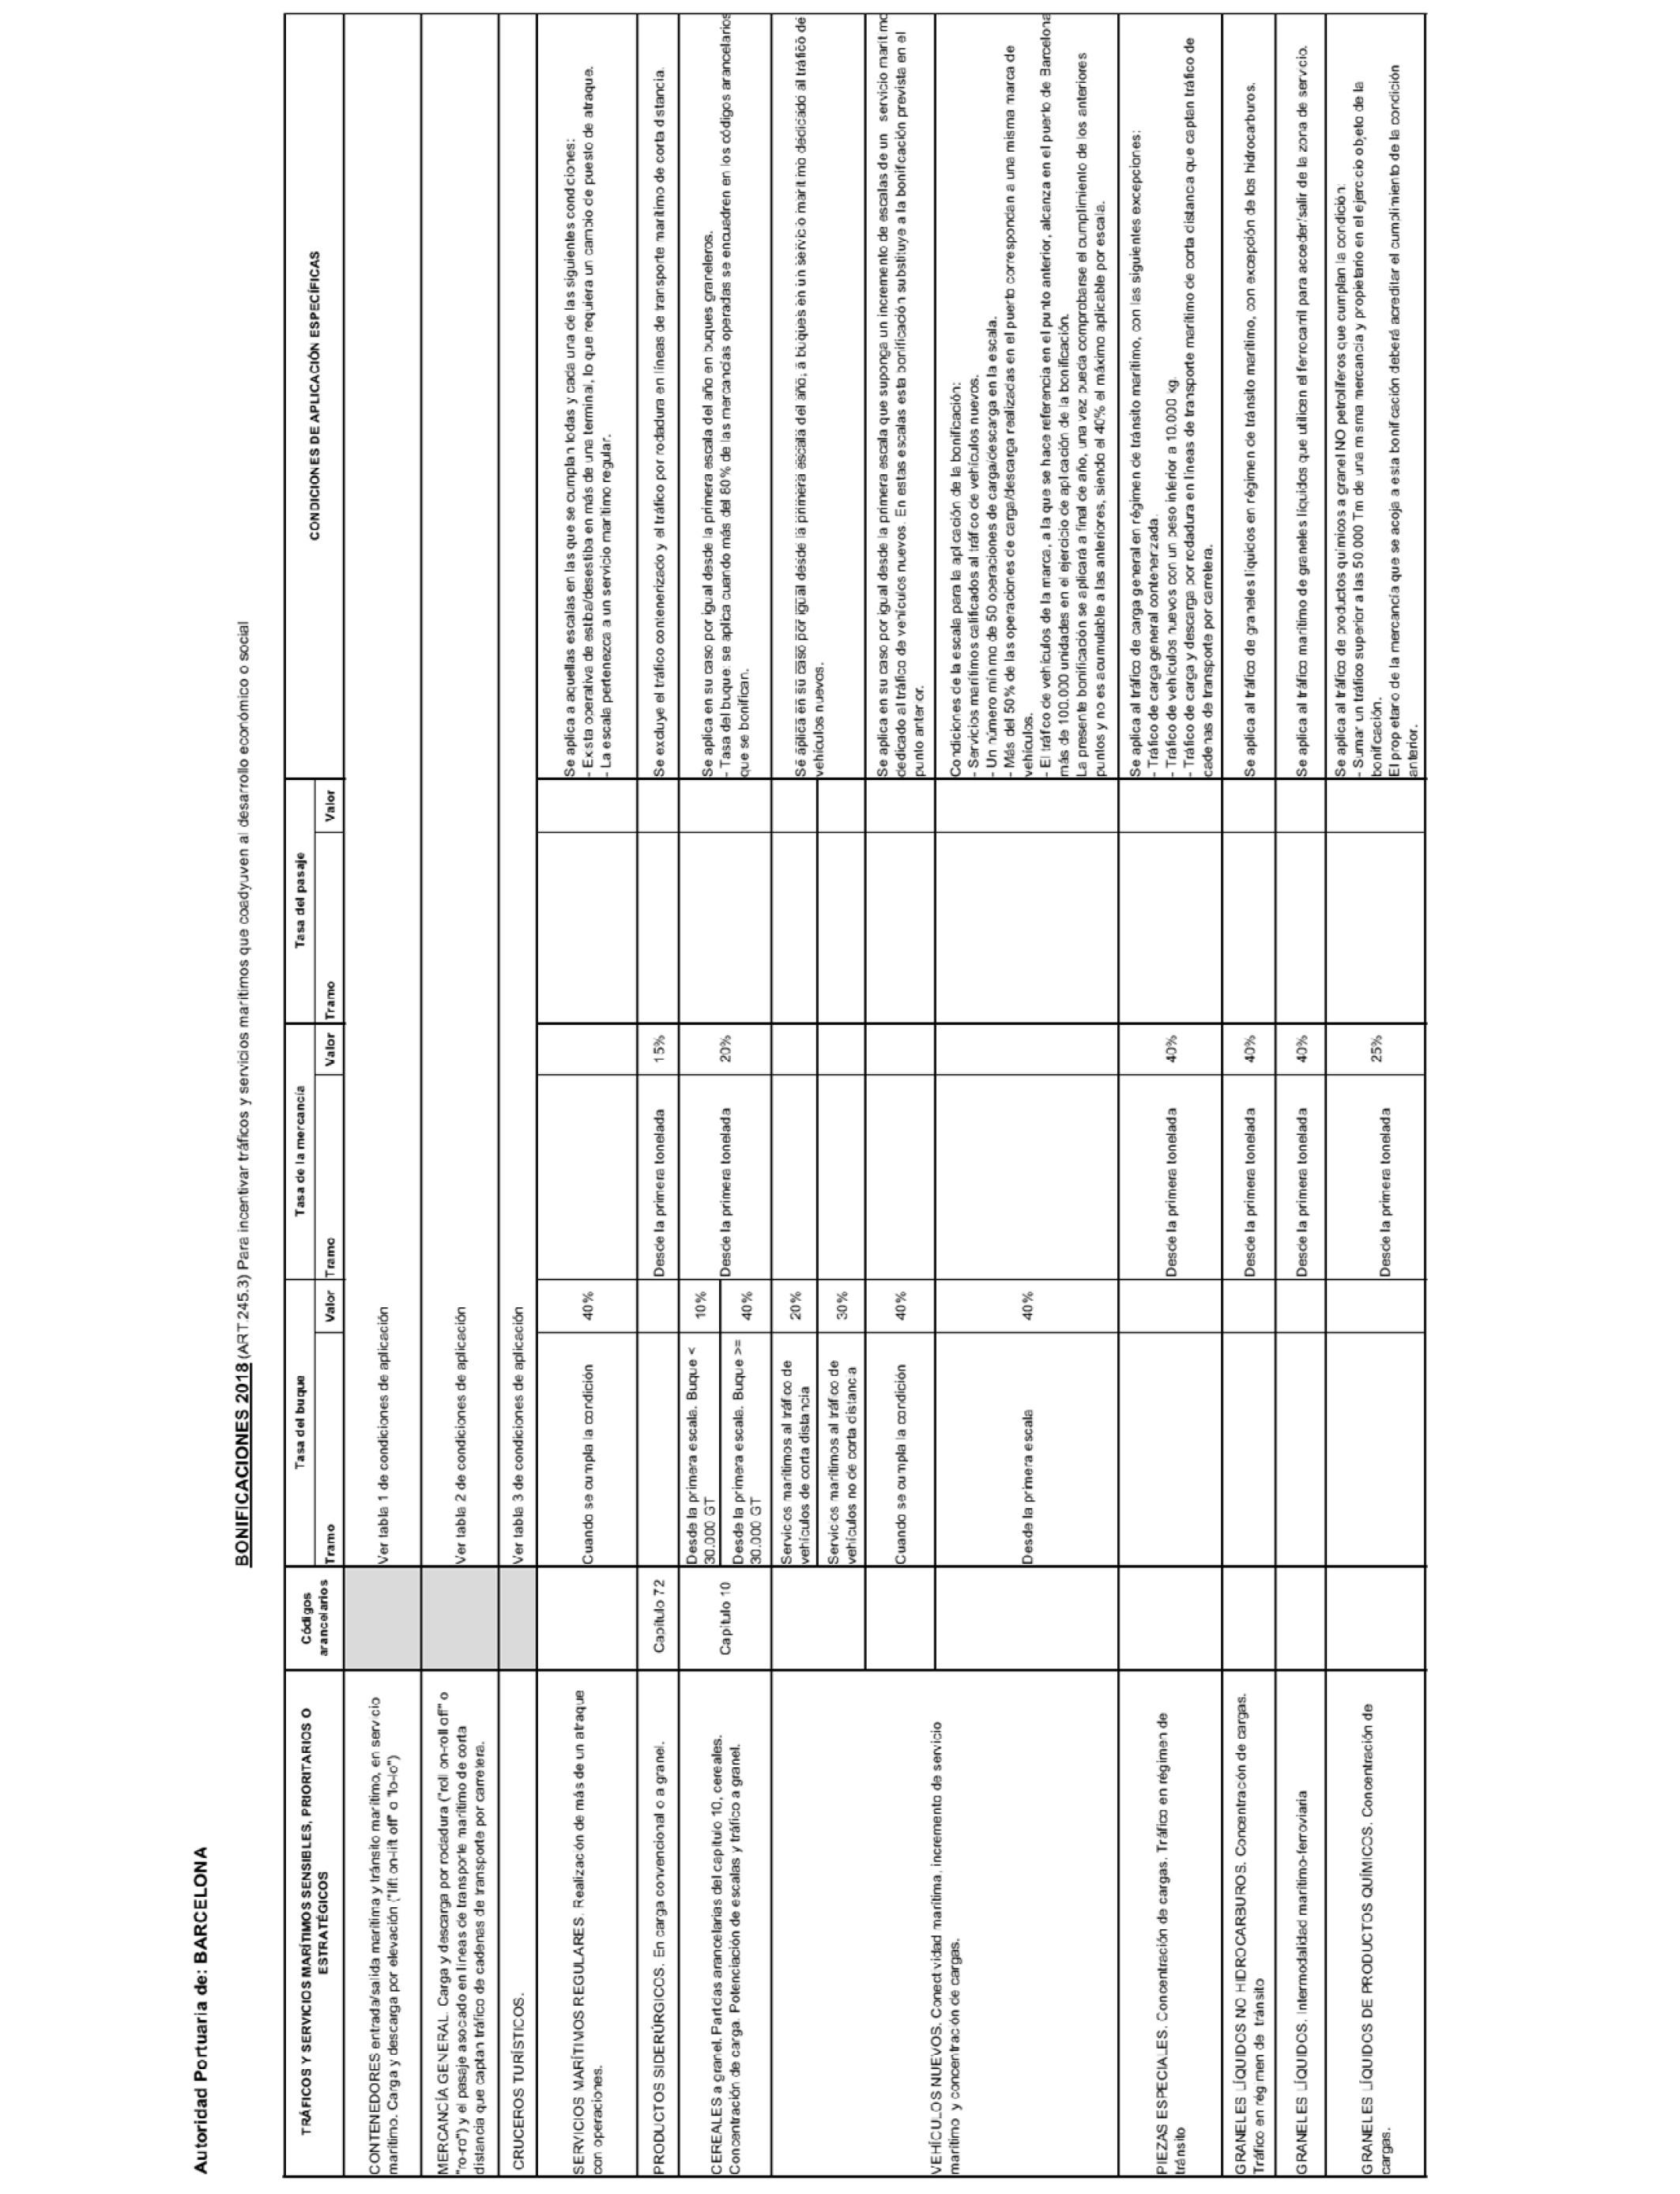 Calendario Laboral Oficial Barcelona 2019 Más Populares Boe Documento Consolidado Boe A 2018 9268 Of Calendario Laboral Oficial Barcelona 2019 Más Actual eventos